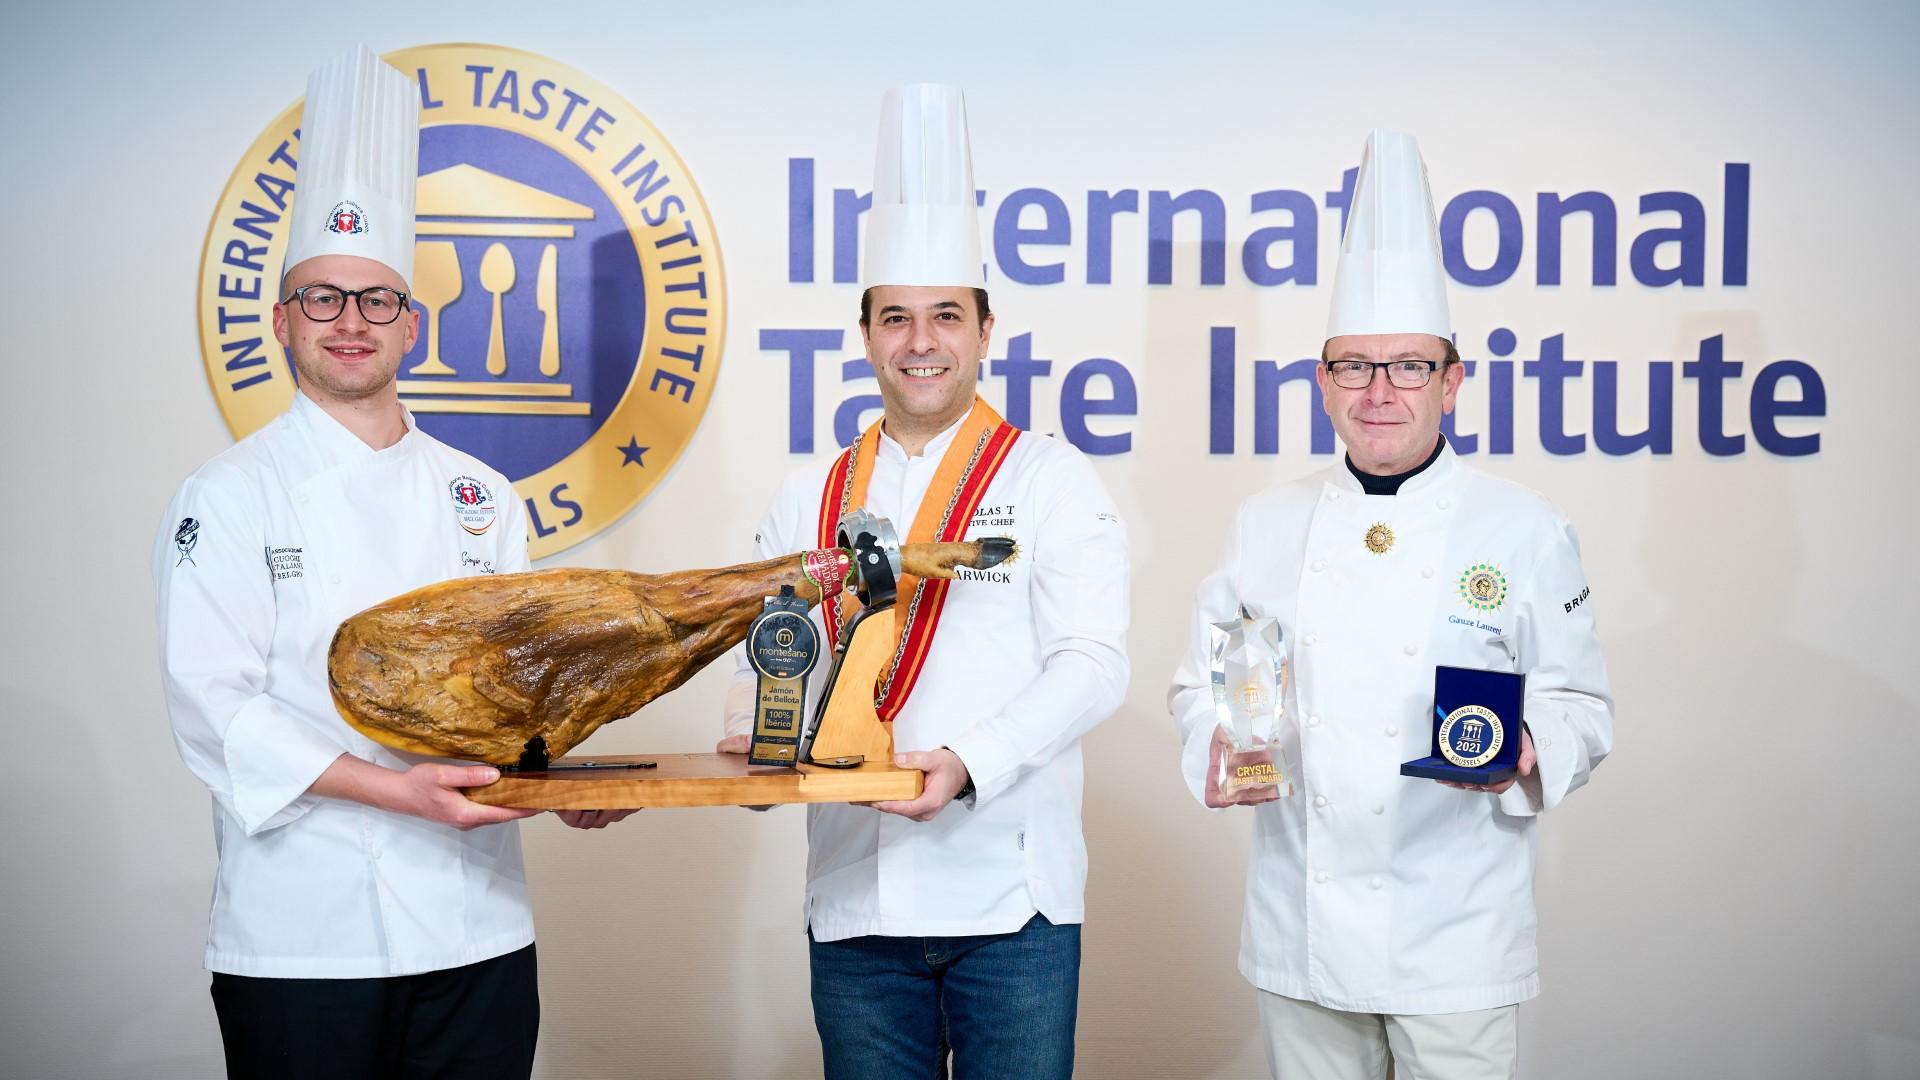 """El jamón 100% ibérico de bellota Montesano Extremadura obtiene el prestigioso """"Crystal Award"""" del International Taste Institute de Bruselas"""